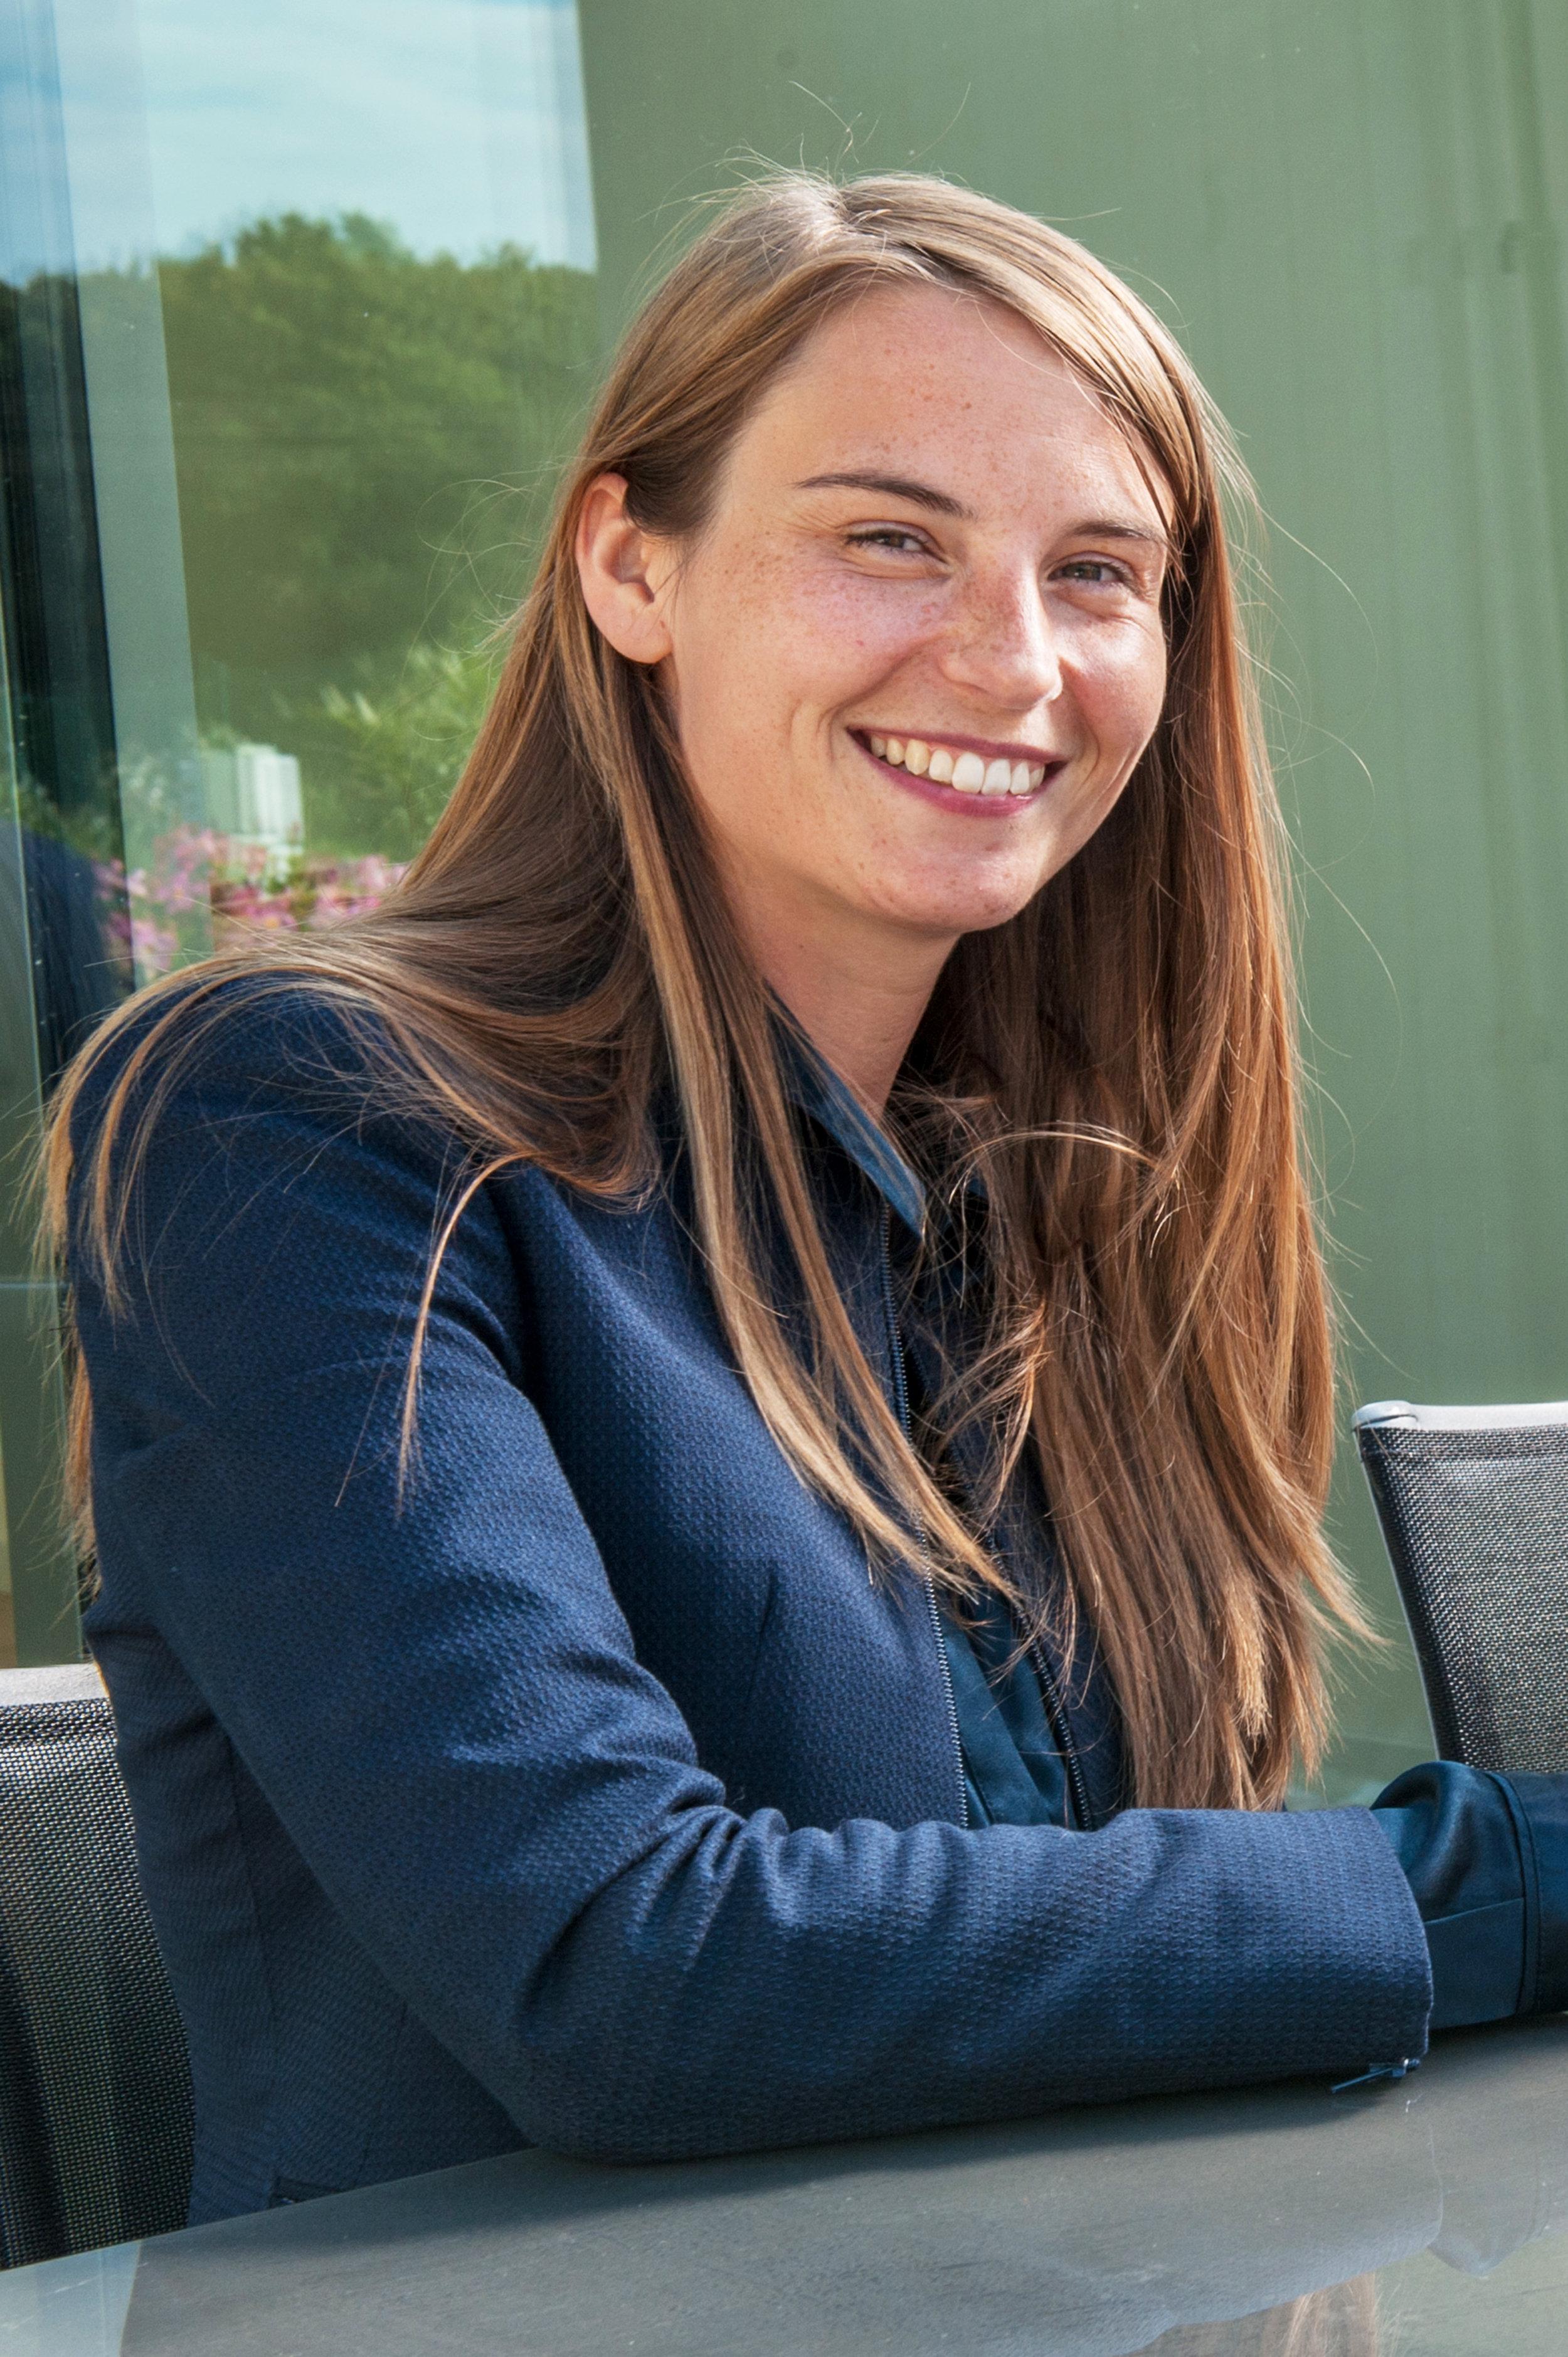 Emma Tamsin - Contact: emma@melisadvocaten.be2008, licencié en droit (Université de Gand)2009, master complémentaire en sciences maritimes (Universités de Gand et d'Anvers)2008, avocat au barreau de Bruges